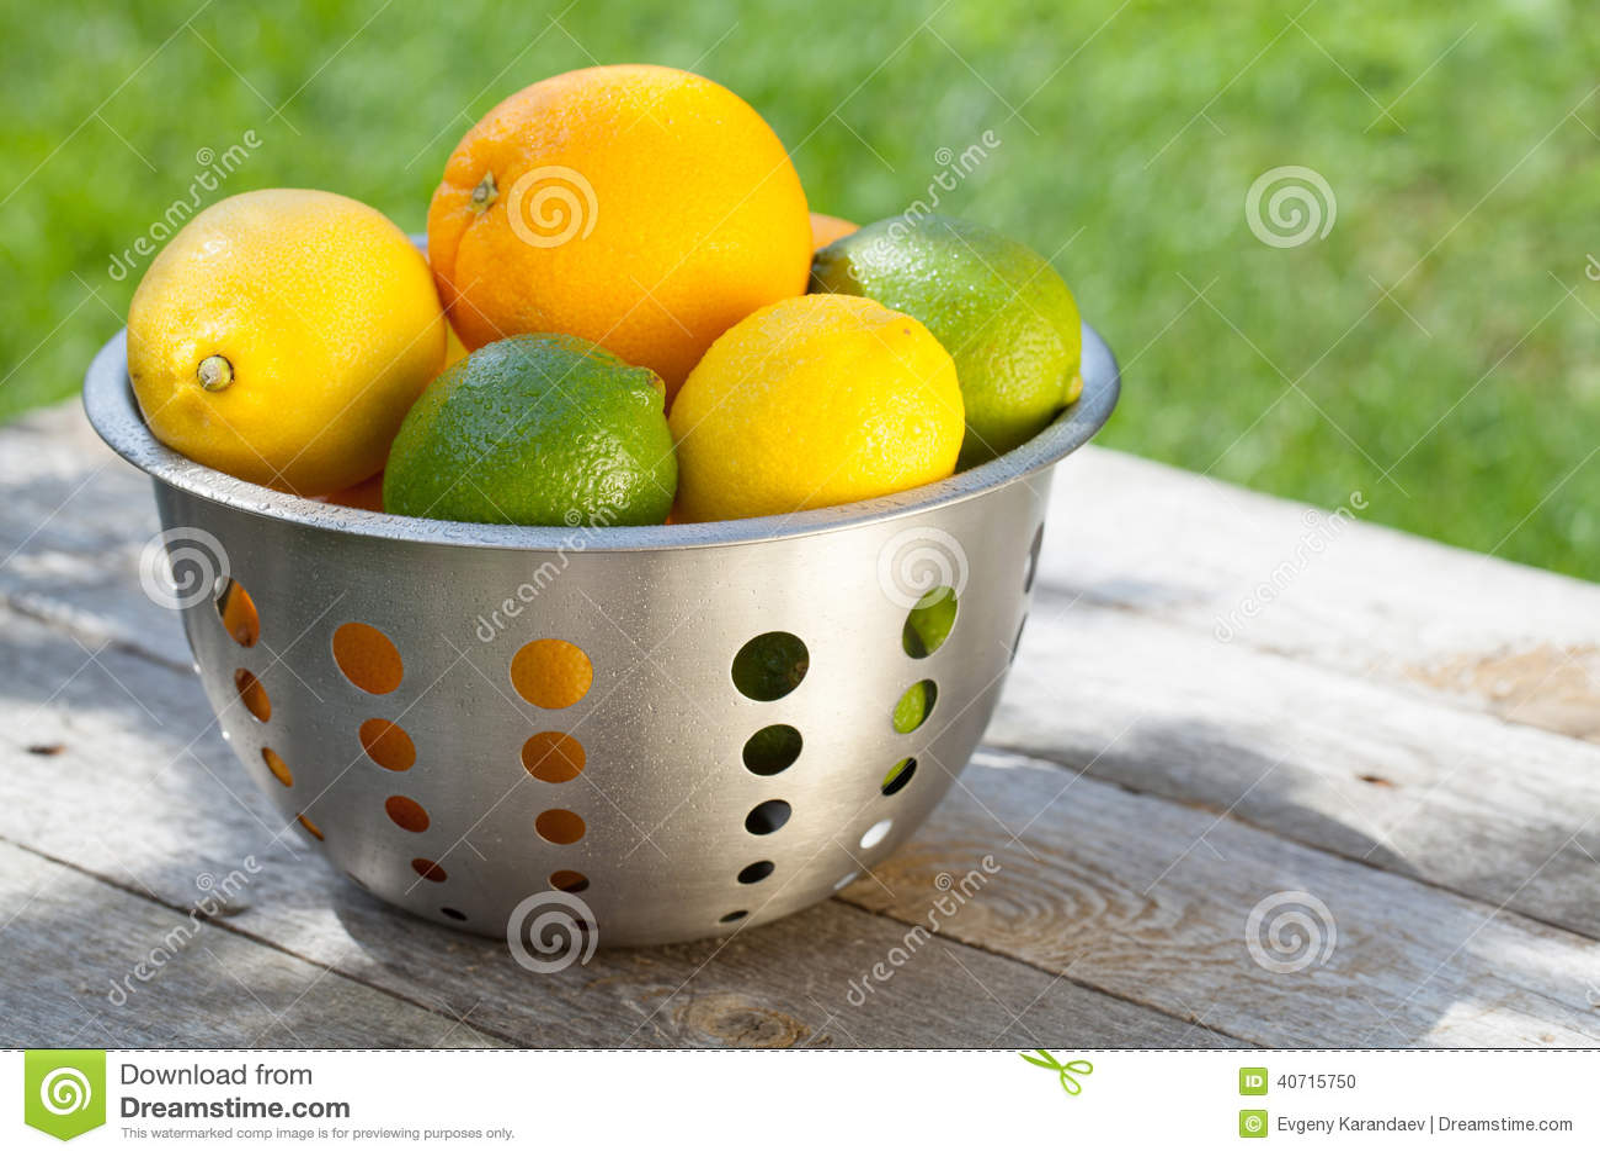 Frutas cítricas maduras frescas en colador